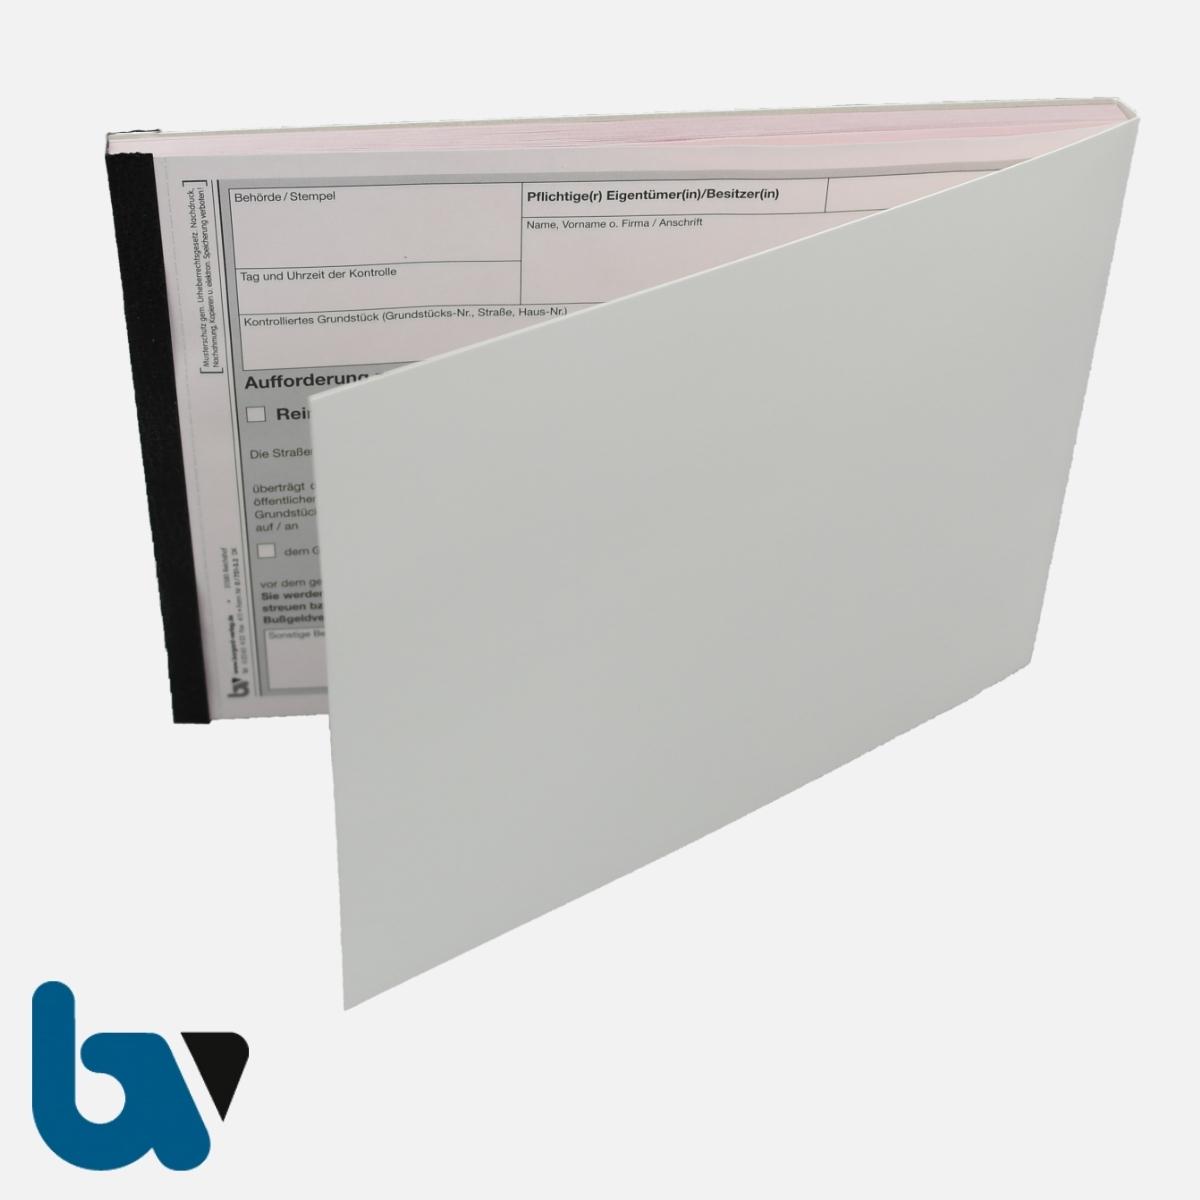 0/751-3.2 Aufforderung Erfüllung Reinigungspflicht Räumpflicht Rückschnittpflicht Gehweg Fahrbahn selbstdurchschreibend DIN A5 2fach VS | Borgard Verlag GmbH